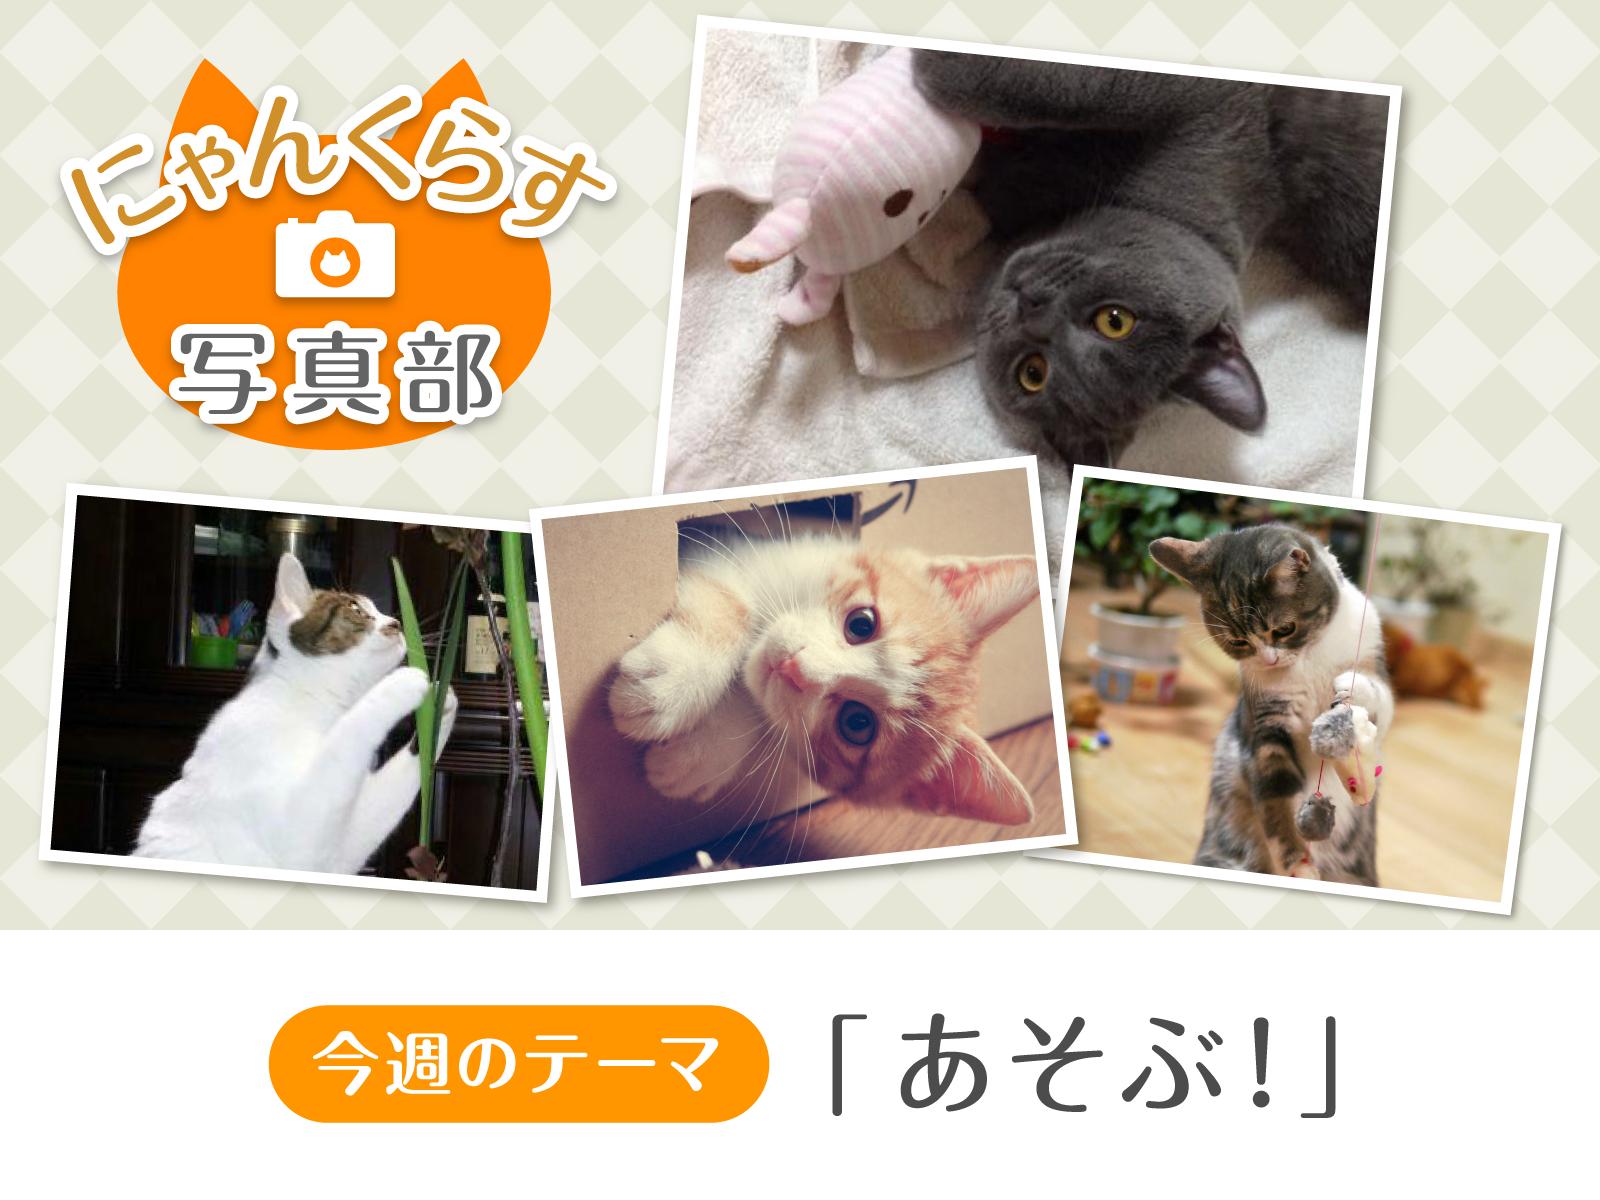 [ にゃんくらす写真部 ]「あそぶ!」写真コンテスト結果発表!